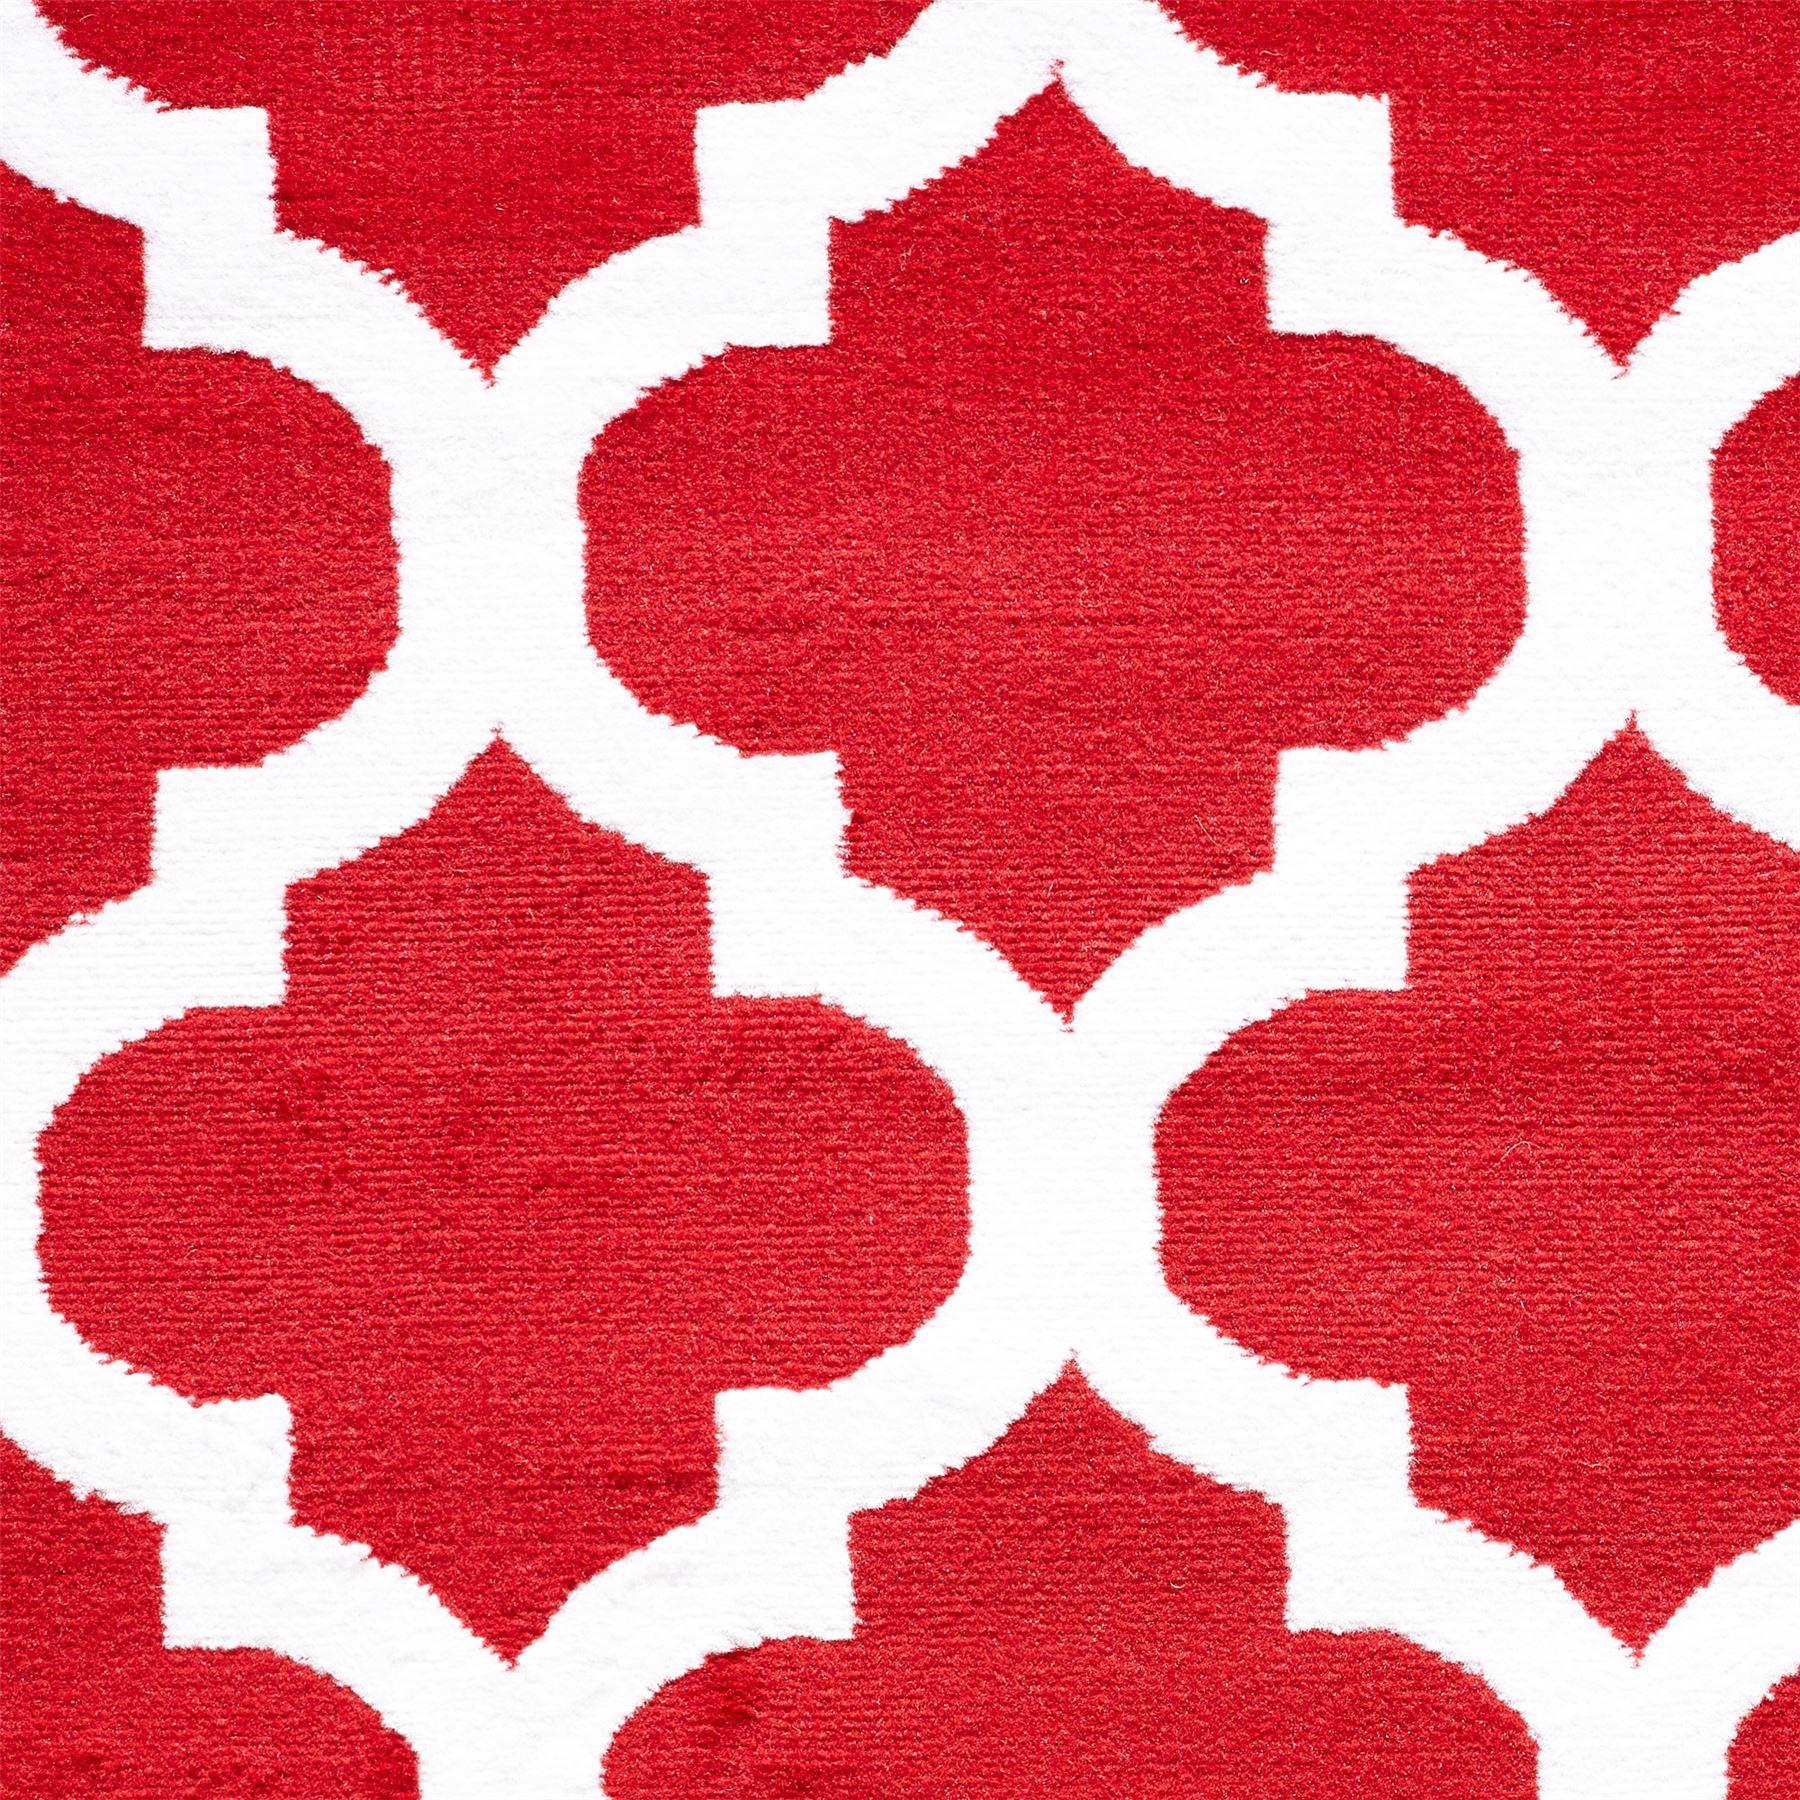 Nero-Rosso-Argento-Bianco-Viola-Moderno-Area-Tappeto-Traliccio-DESIGN-CUCINA-outdoorrug miniatura 22